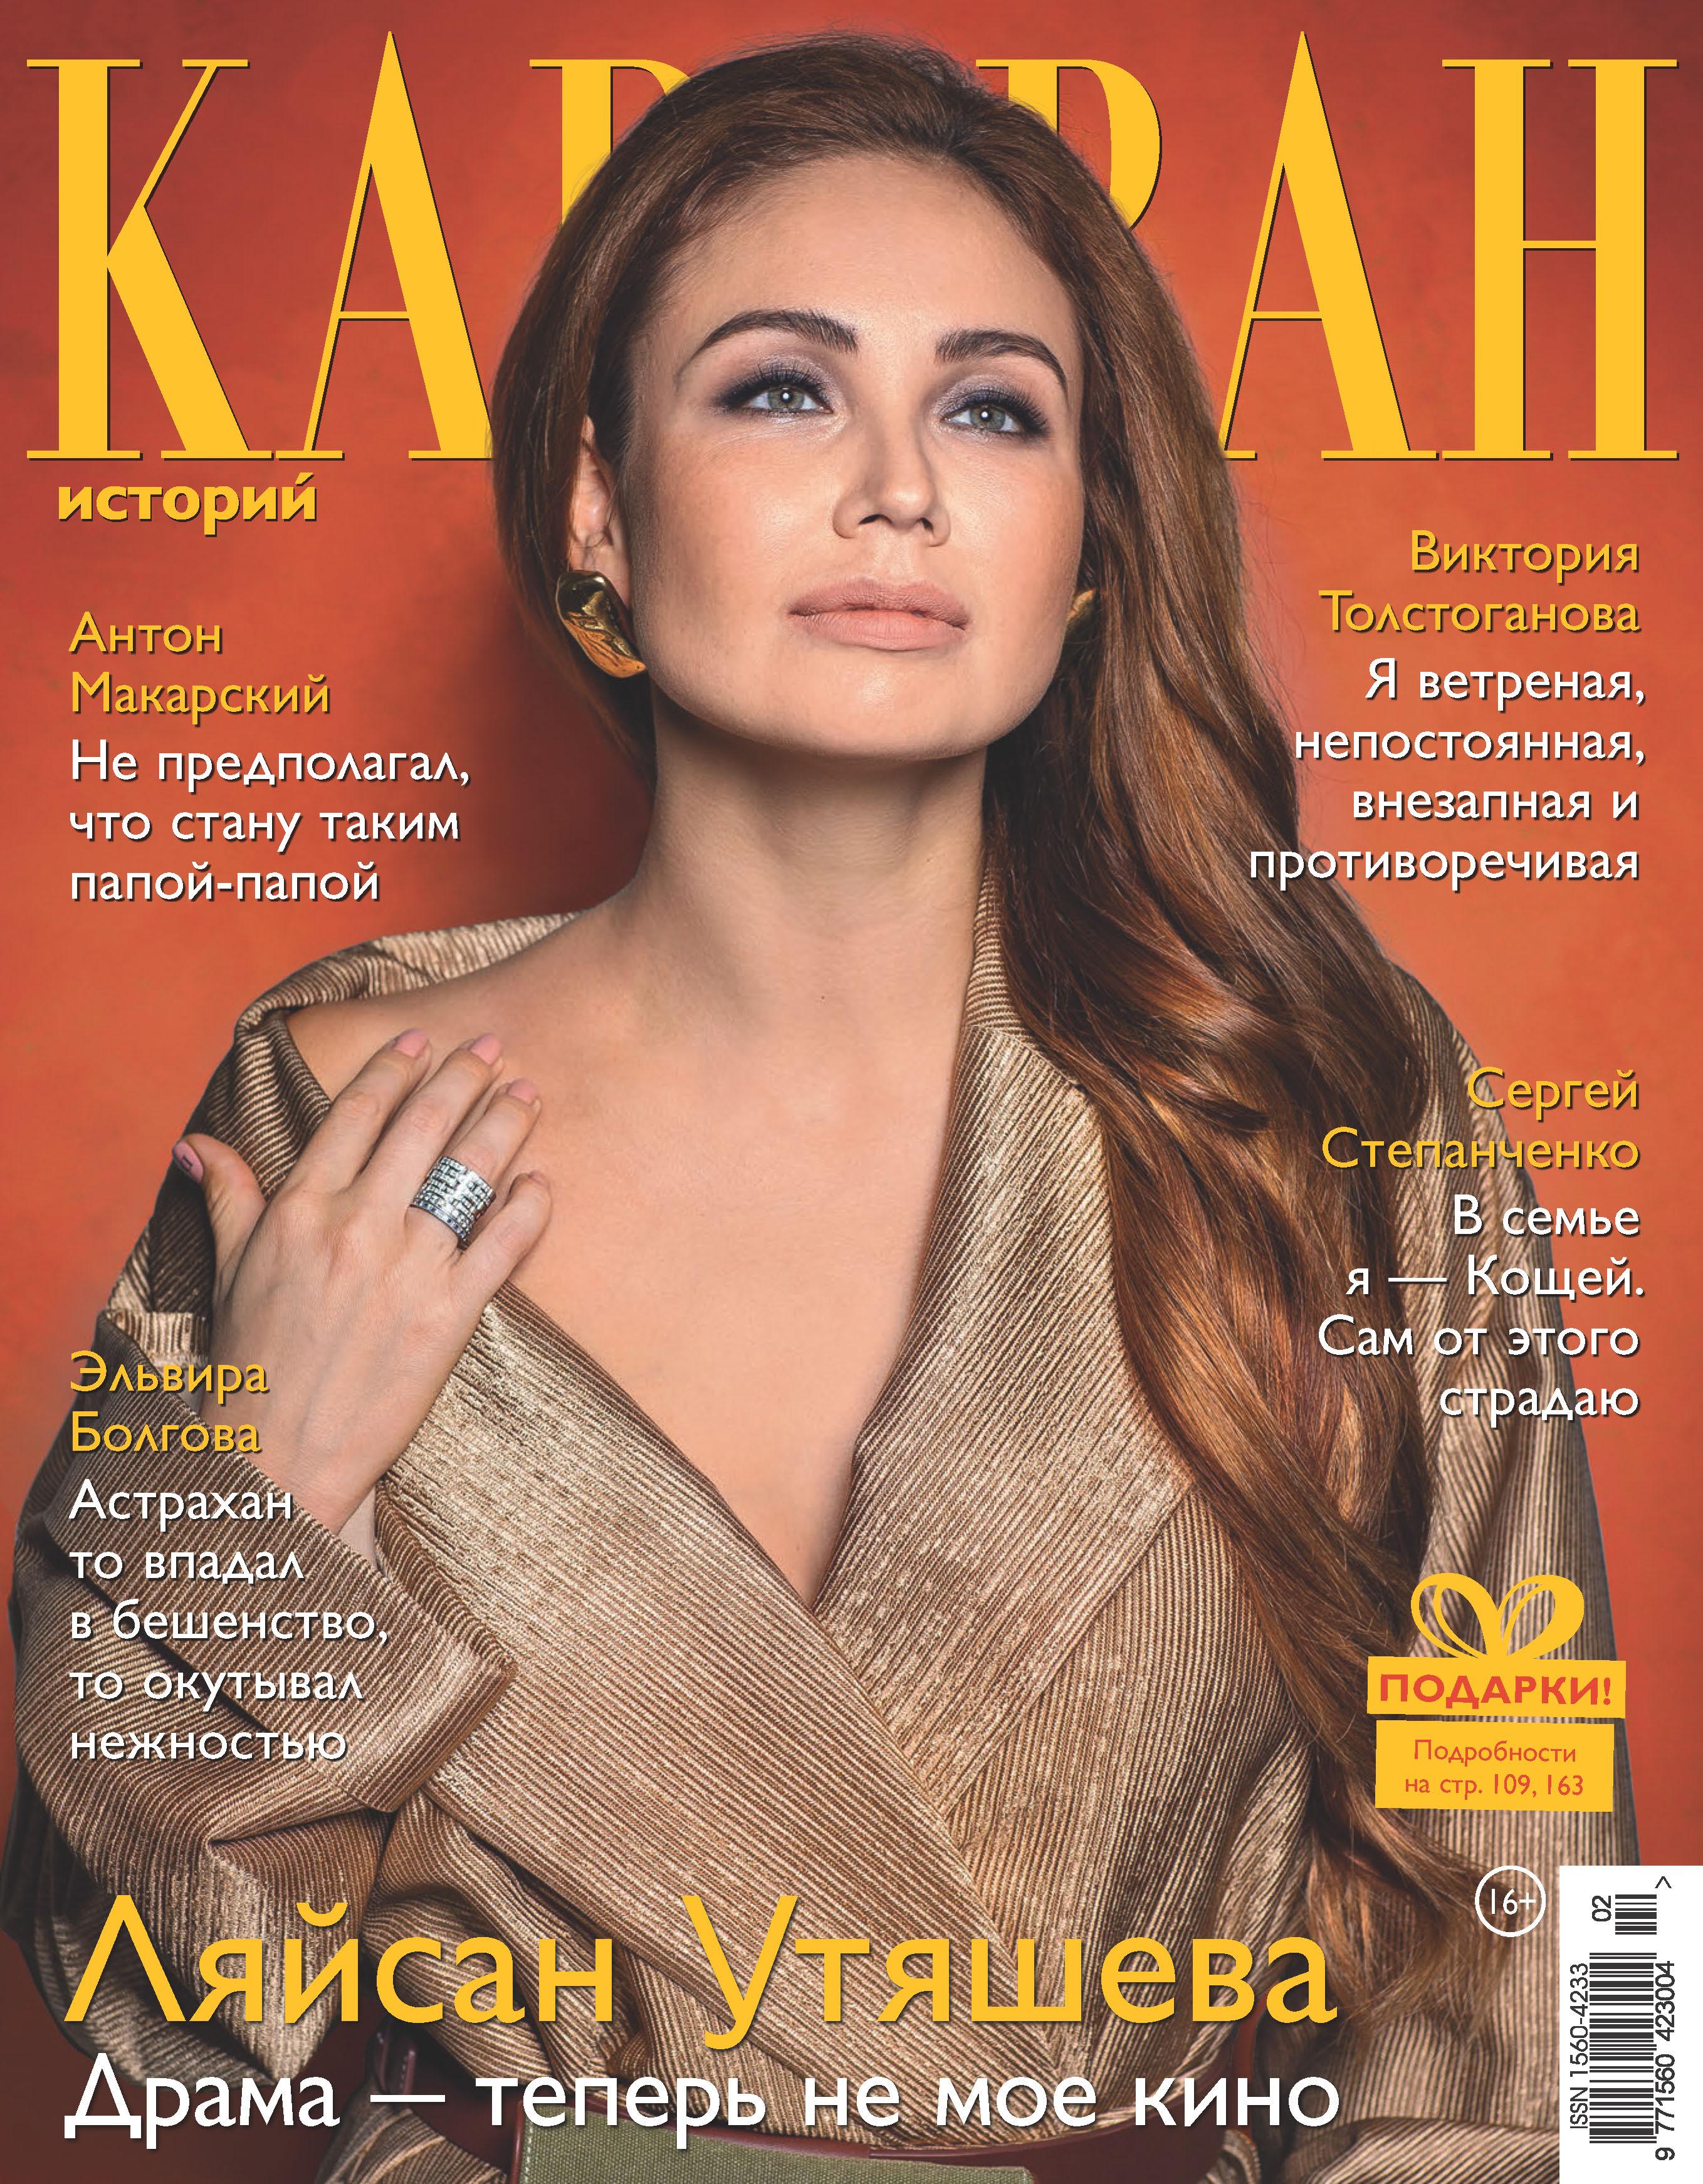 Отсутствует Караван историй №02 / февраль 2019